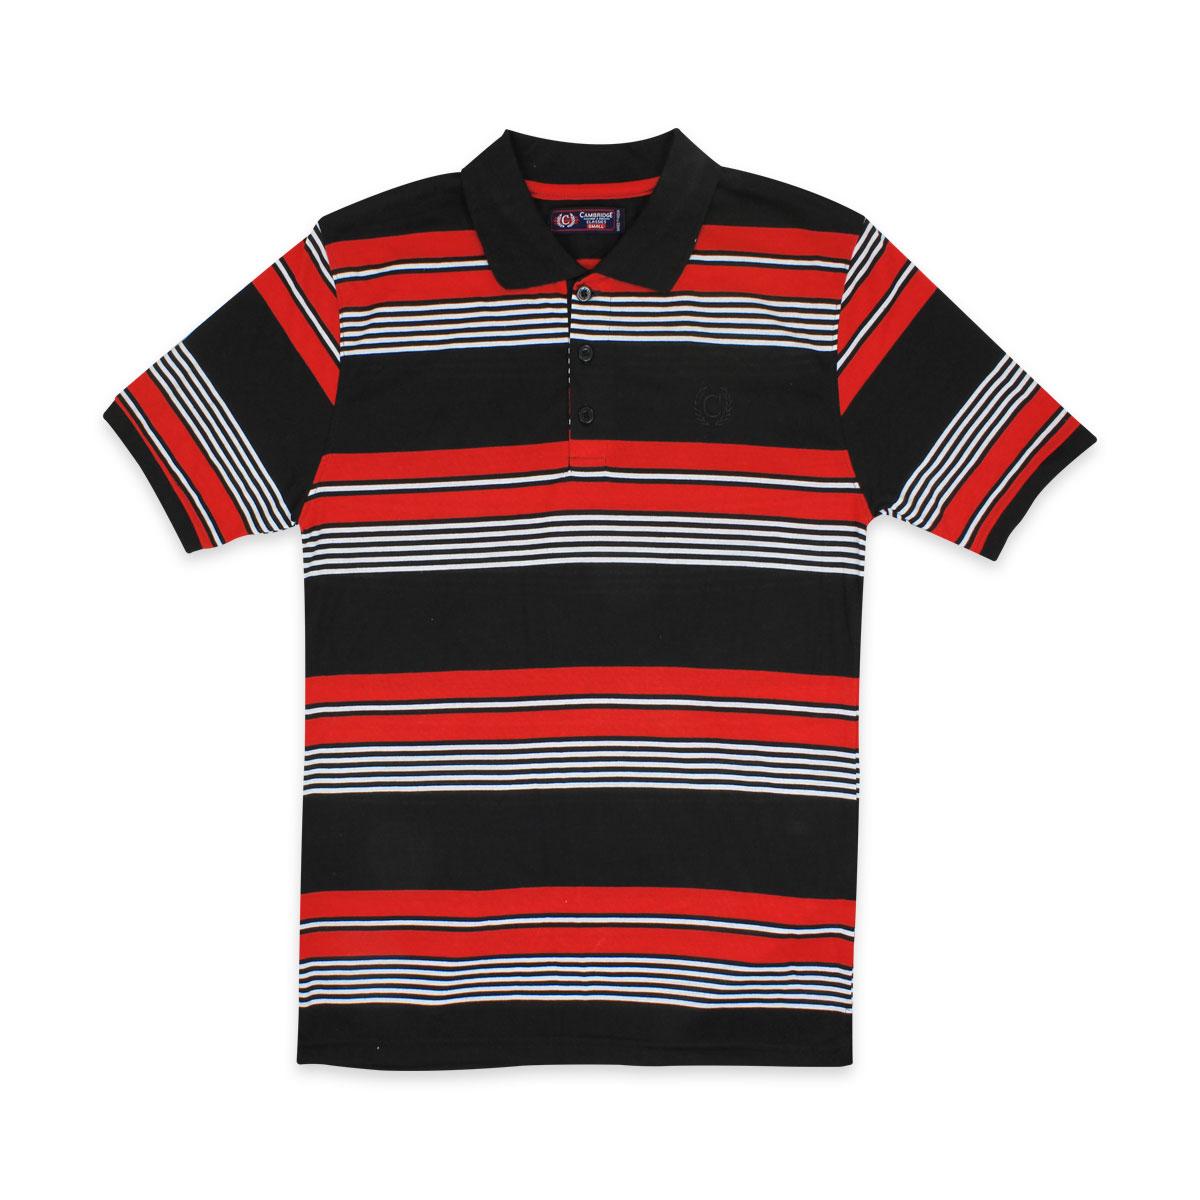 Camisas-Polo-Para-Hombre-A-Rayas-Pique-Con-Cuello-camiseta-Camiseta-Manga-Corta-De-Verano-S-M-L-XL miniatura 47